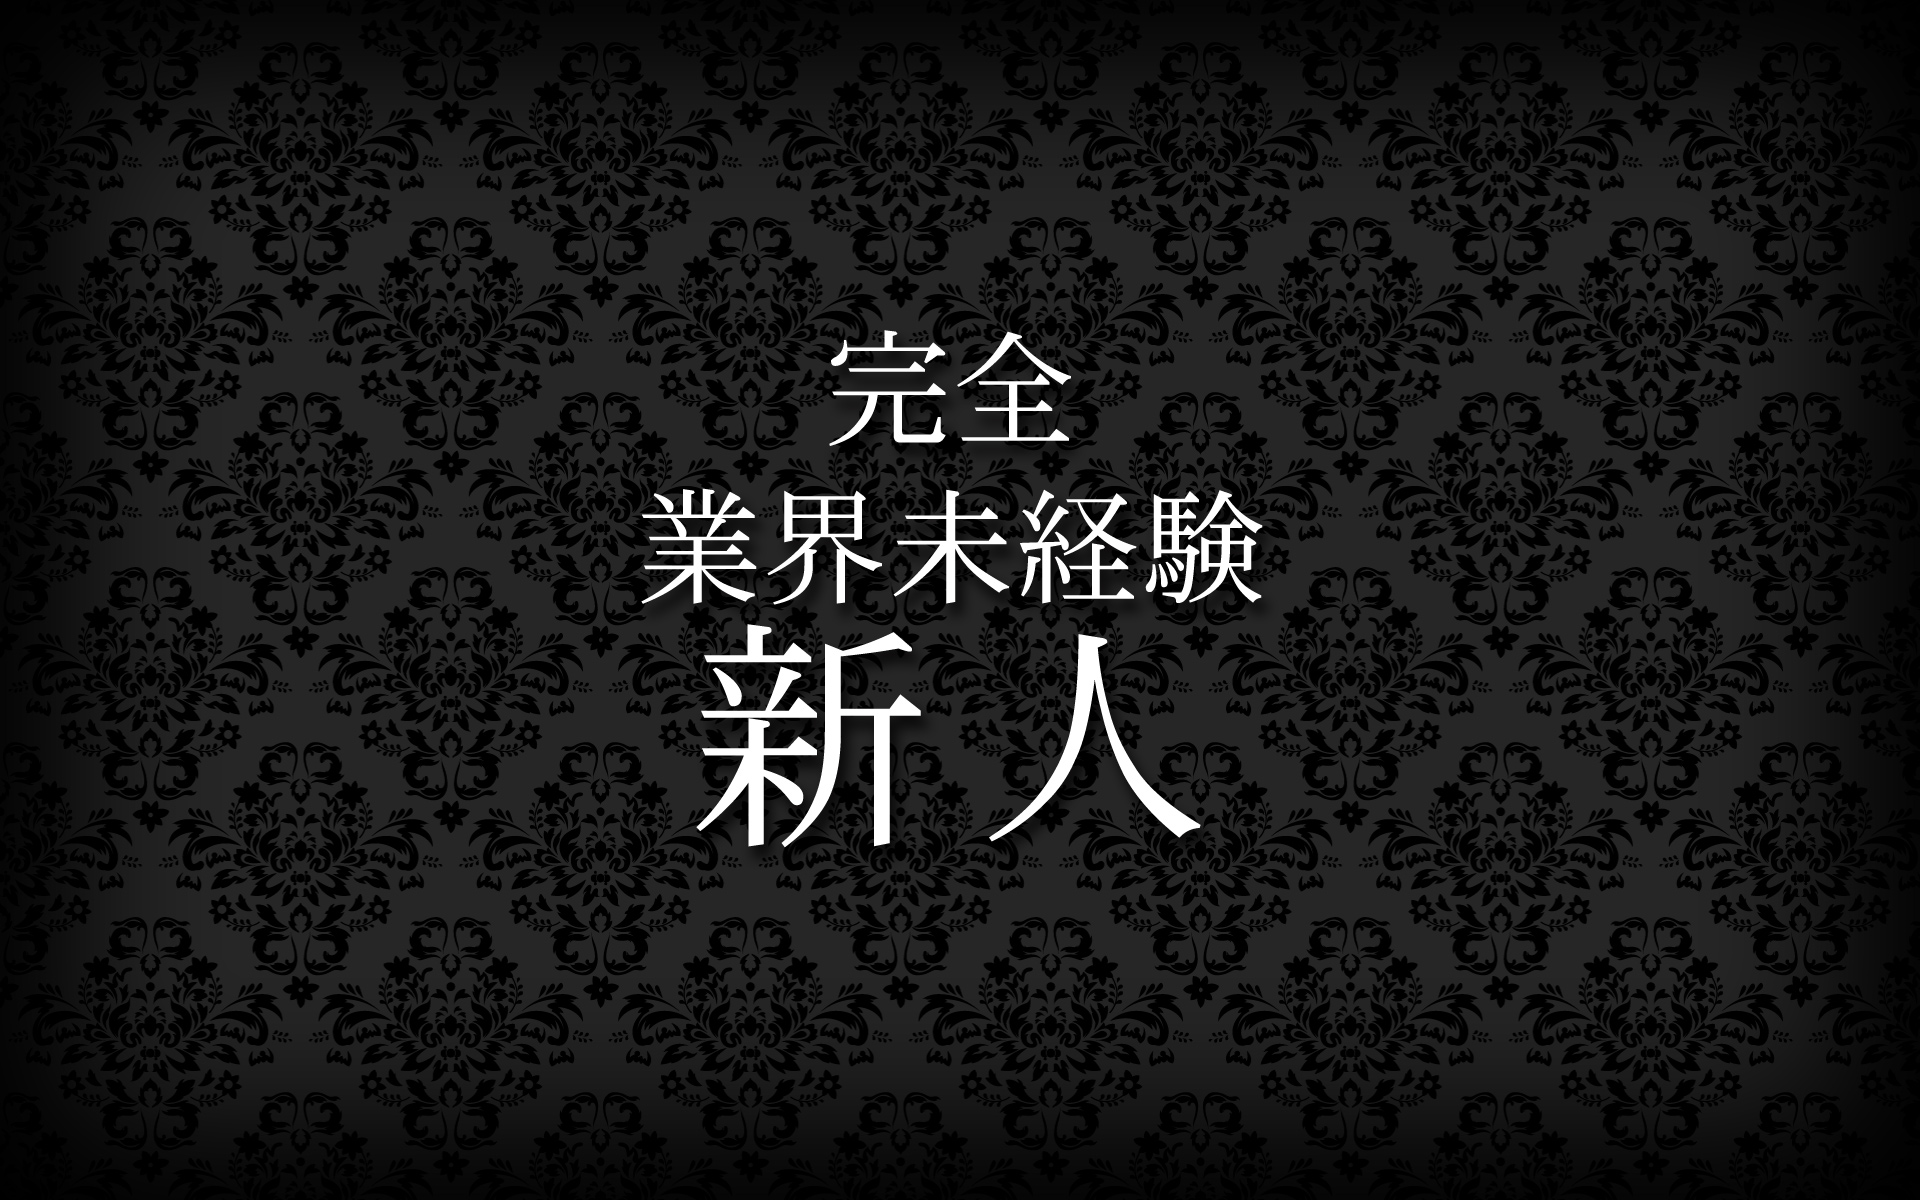 柏デリヘル 風俗 人妻デリバリーヘルス『秘密倶楽部 凛 柏店』